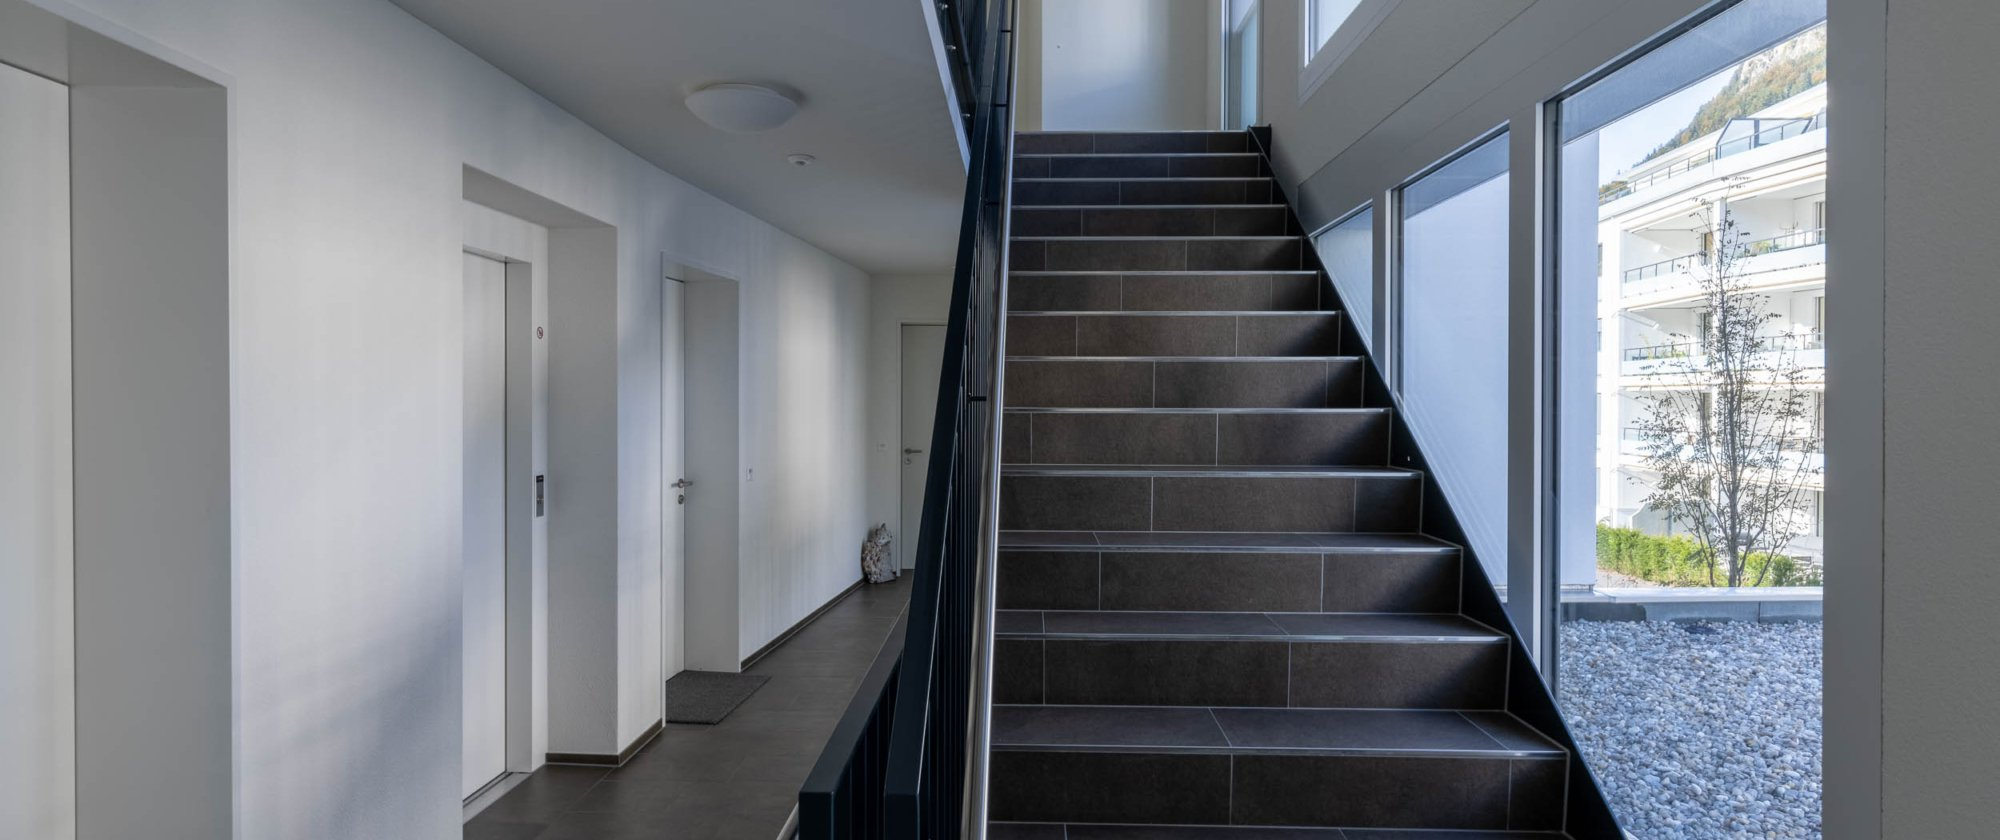 das helle Treppenhaus hinterlässt einen freundlichen Eindruck